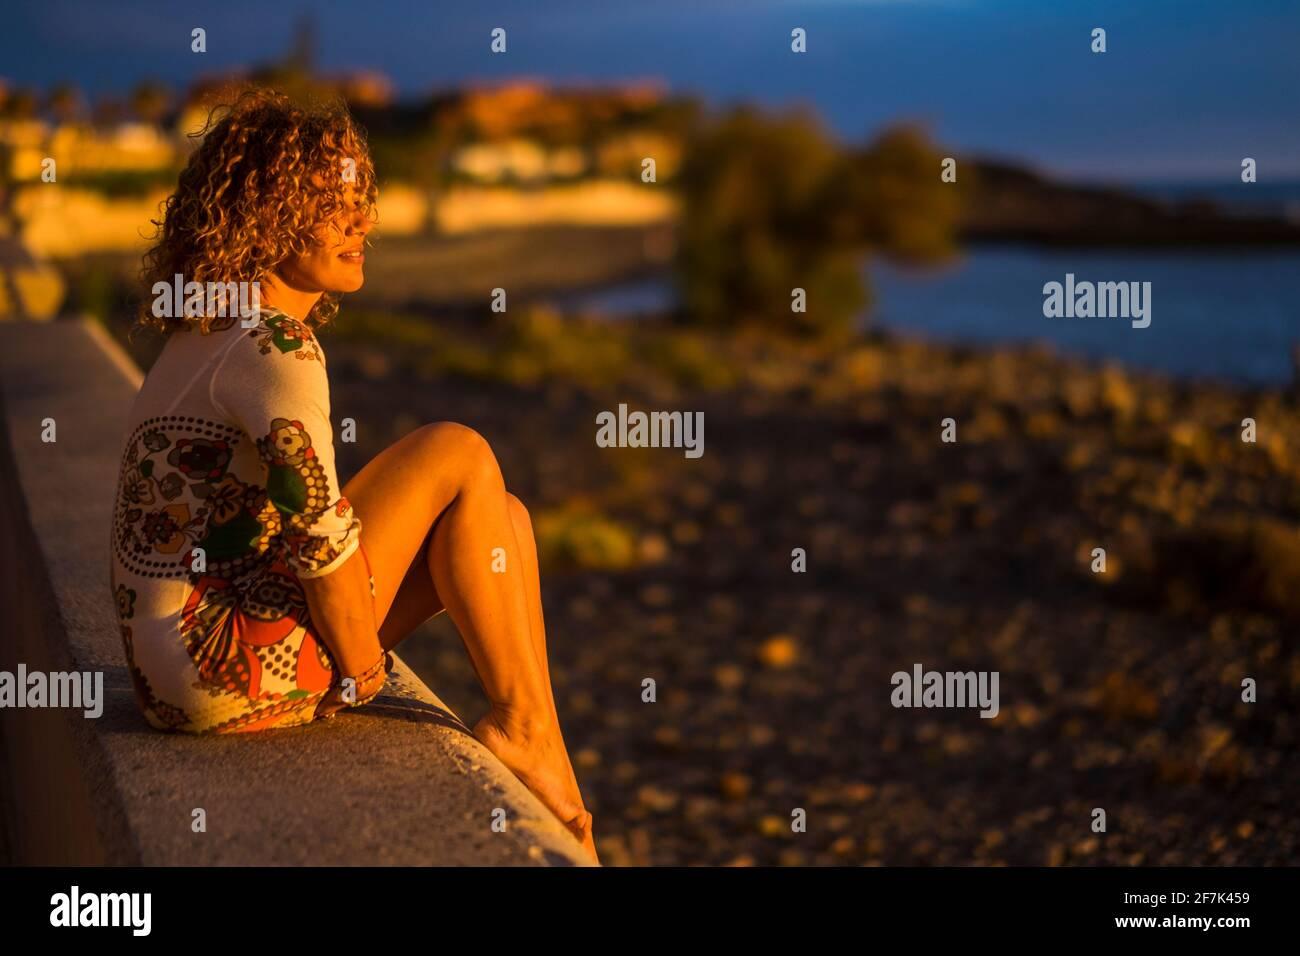 Eine Frau setzt sich draußen hin und genießt das Sonnenuntergang-Licht Vor ihr - Strand und Meer im Hintergrund - Tourismus und Sommerurlaub Reisen Stockfoto